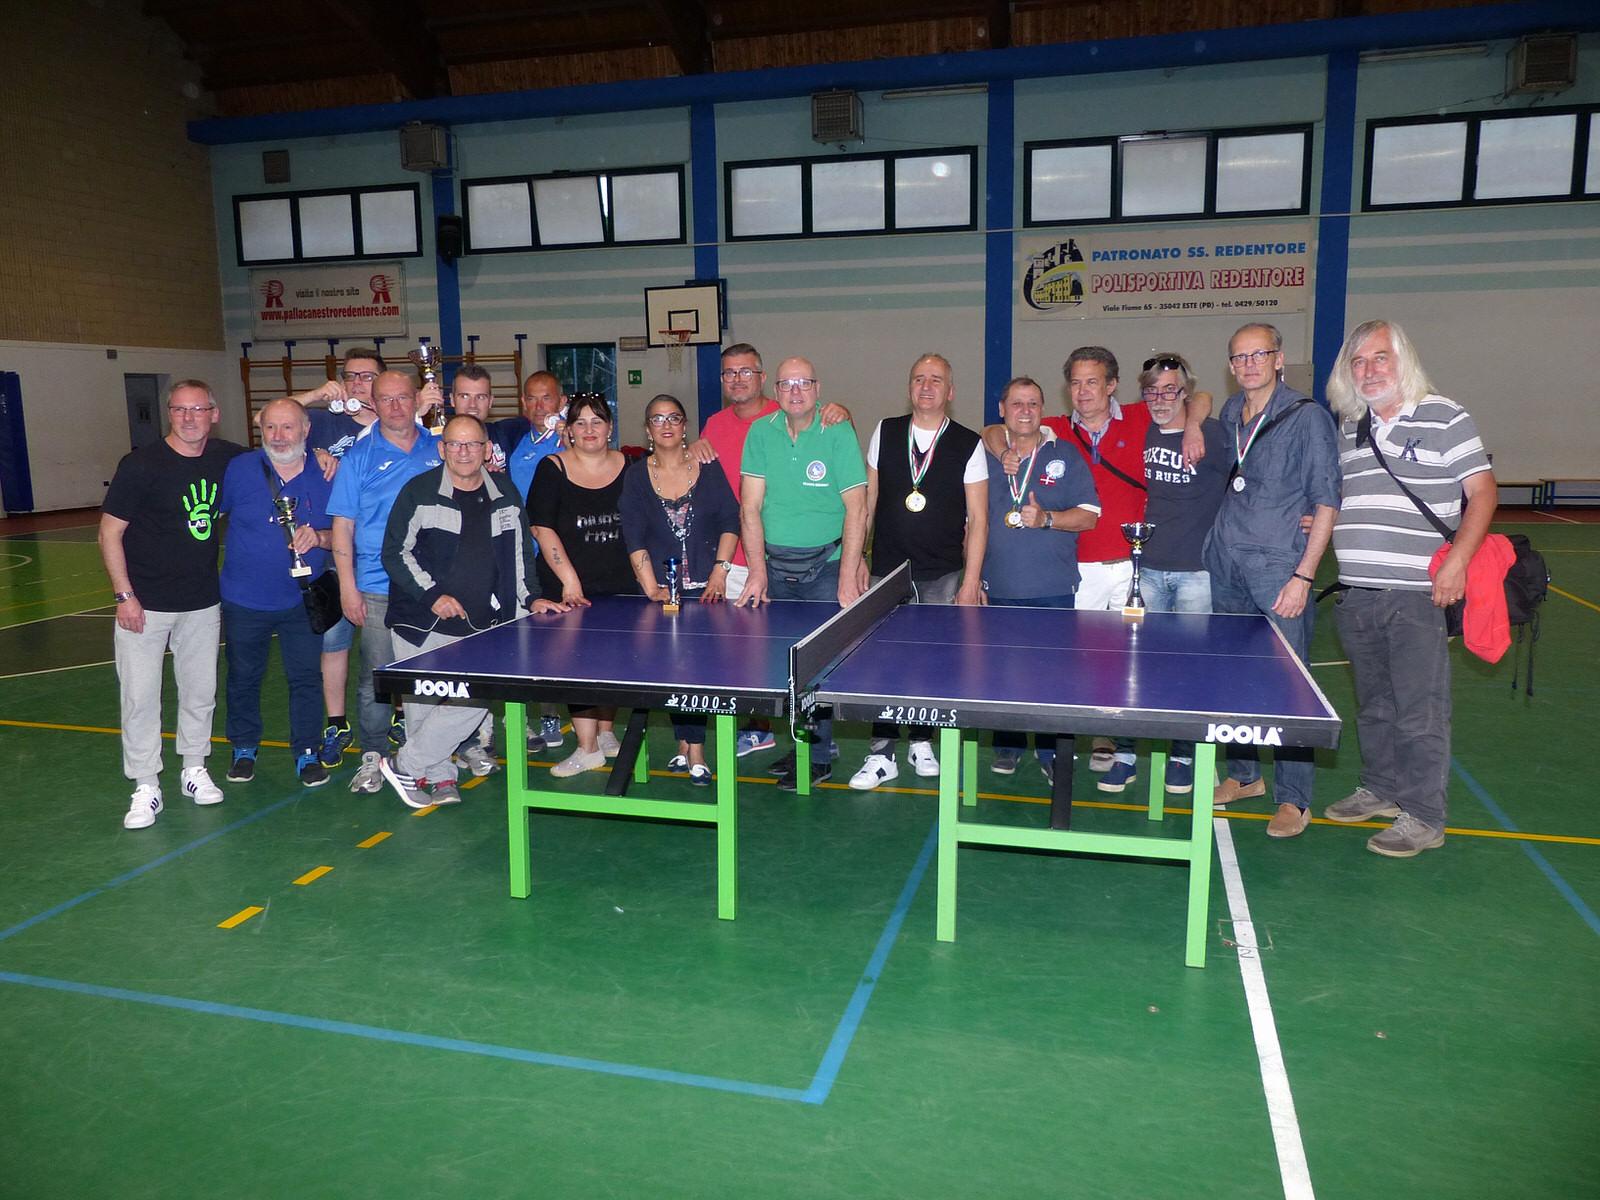 Risultati e foto del Campionato Regionale FSSI di Tennis Tavolo M/F svoltosi il 28 Aprile